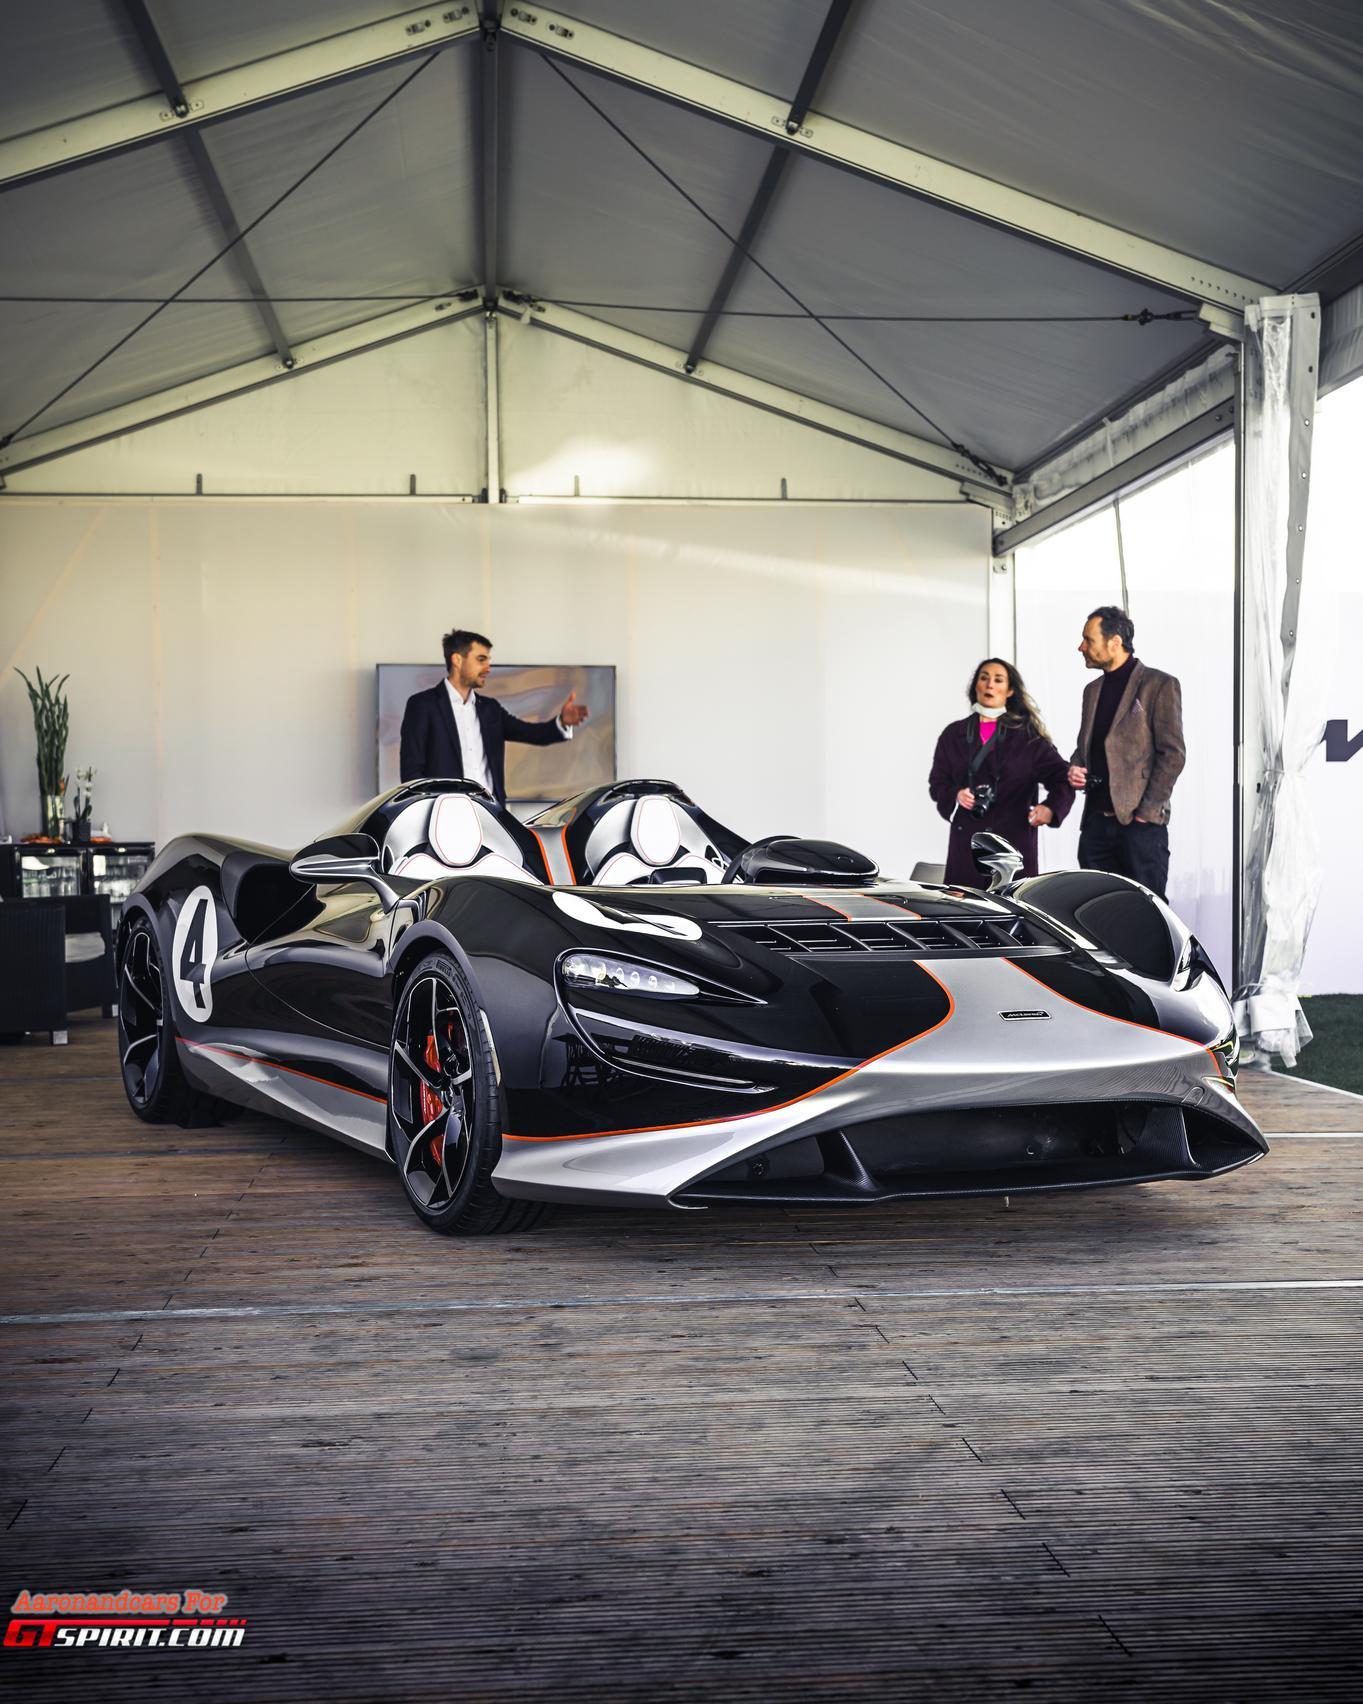 Salon Prive 2020 McLaren Elva